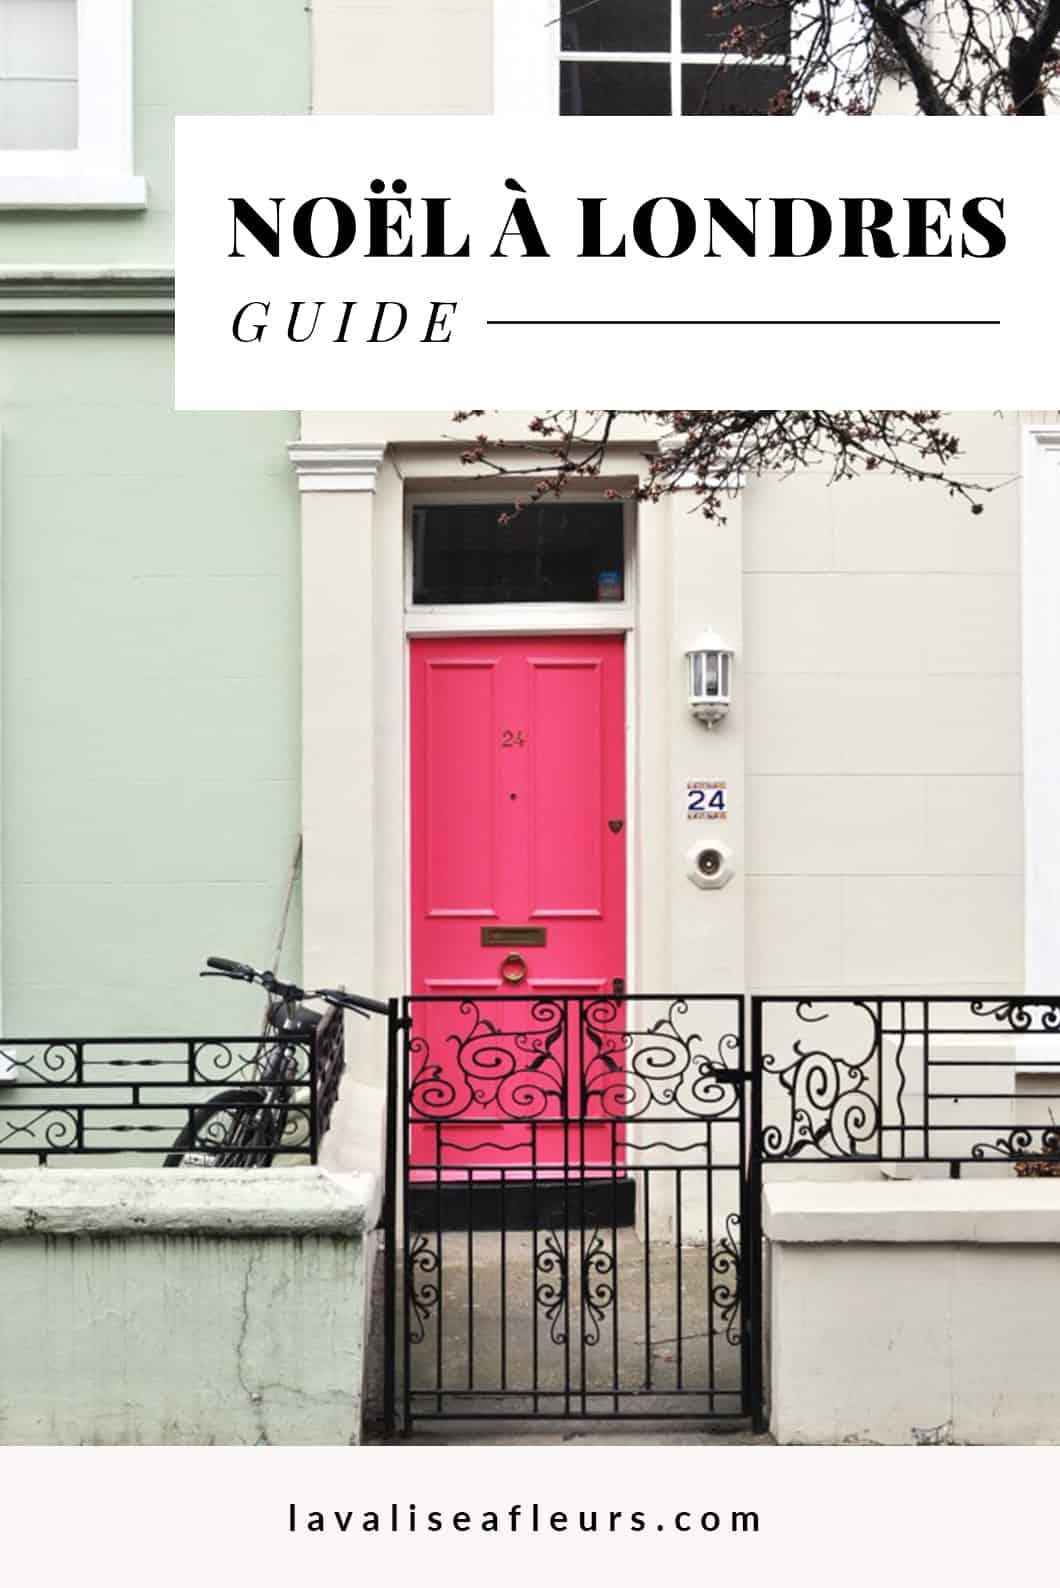 Guide d'un Noël à Londres